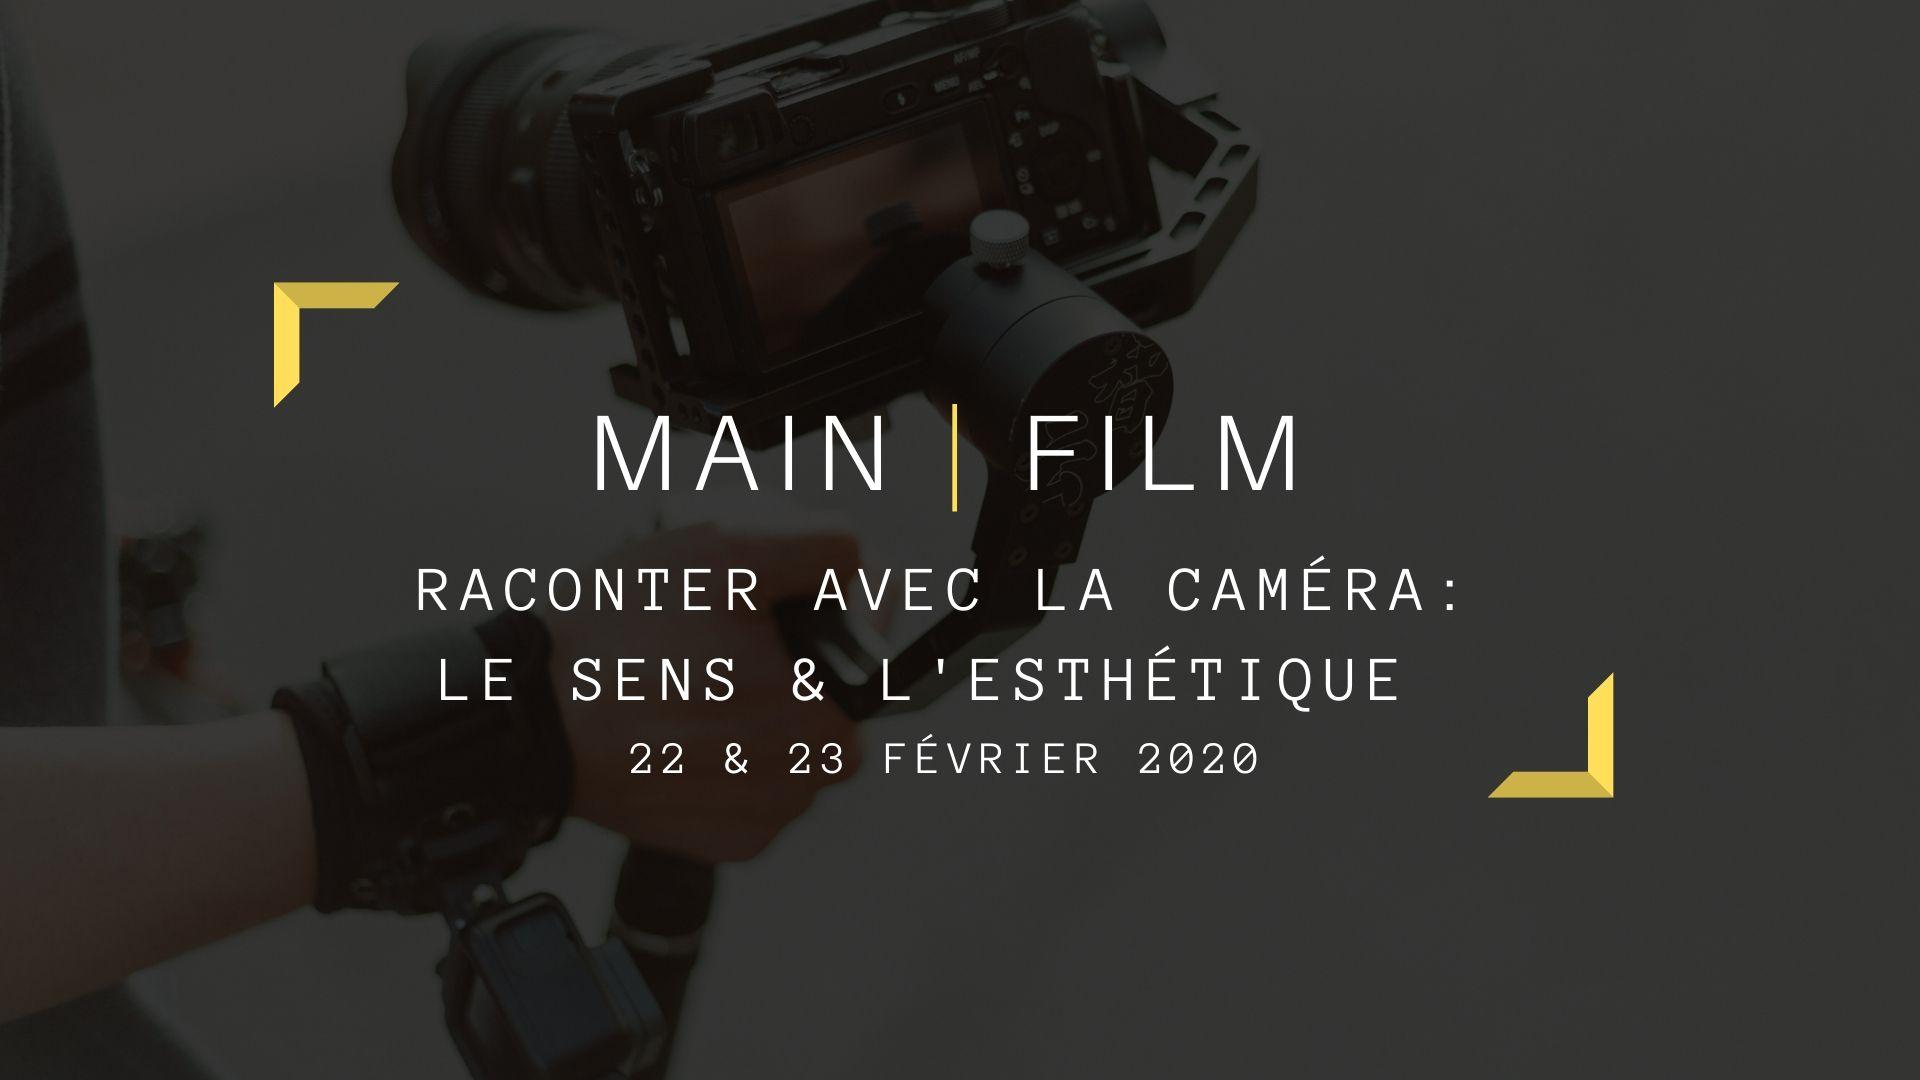 Raconter avec la caméra : le sens et l'esthétique